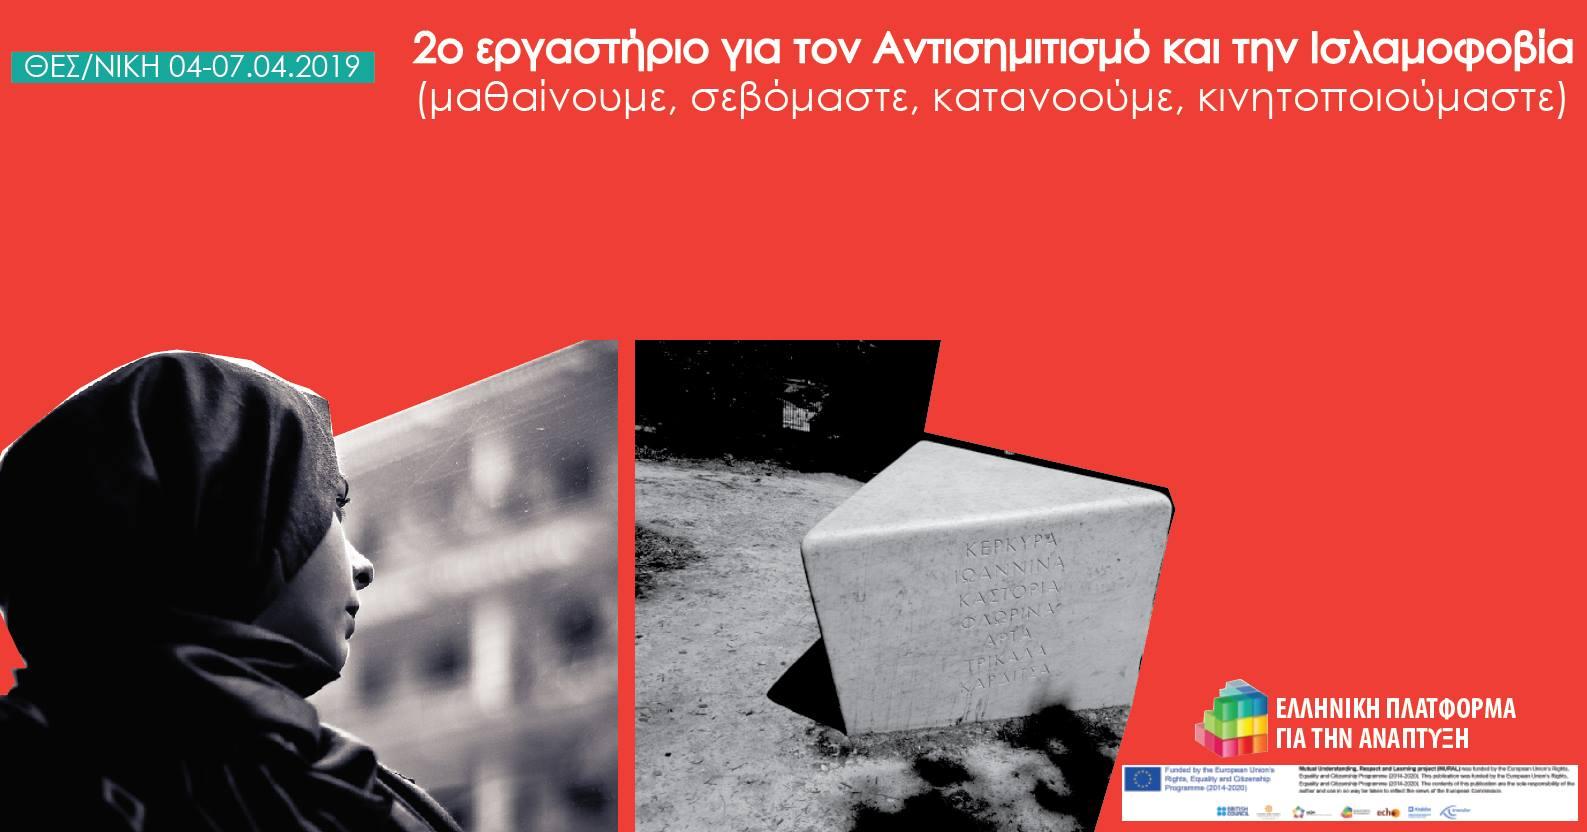 2ο εργαστήριο για την Αντιμετώπιση του Αντισημιτισμού και της Ισλαμοφοβίας – Θεσσαλονίκη, 4 με 7 Απριλίου 2019.